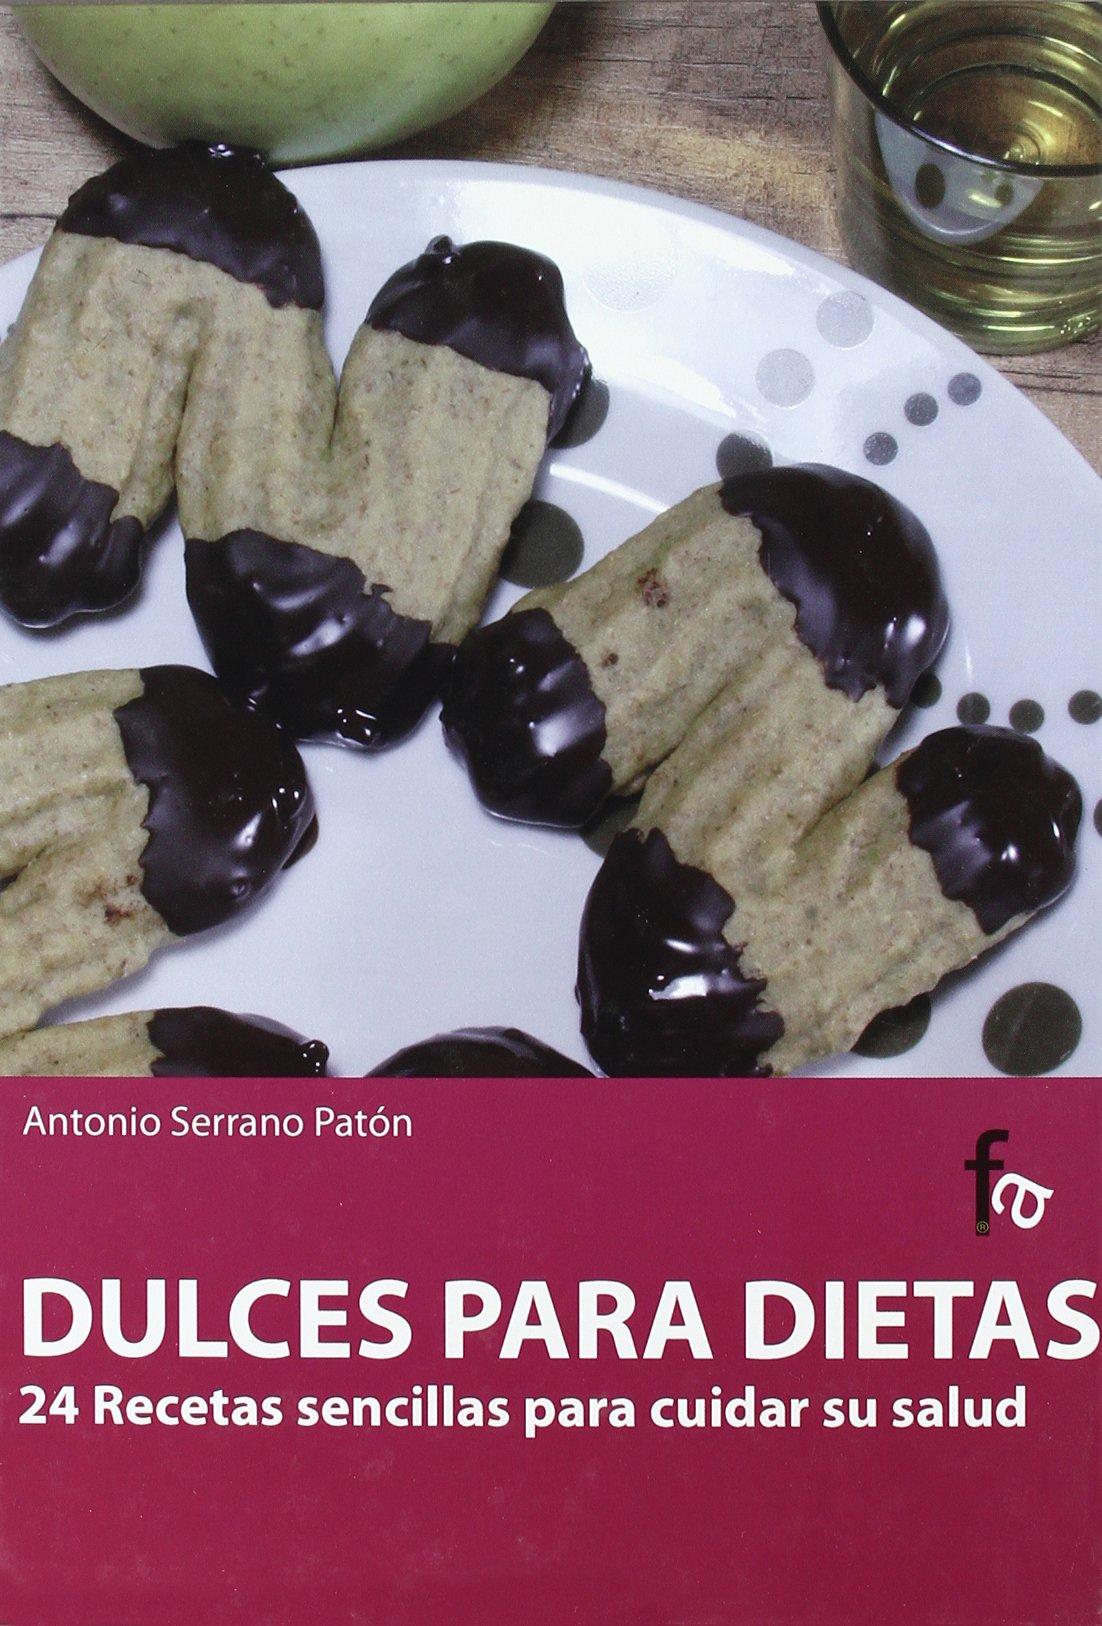 Dulces para dietas (Spanish Edition): Antonio Serrano Paton: 9788498913019: Amazon.com: Books